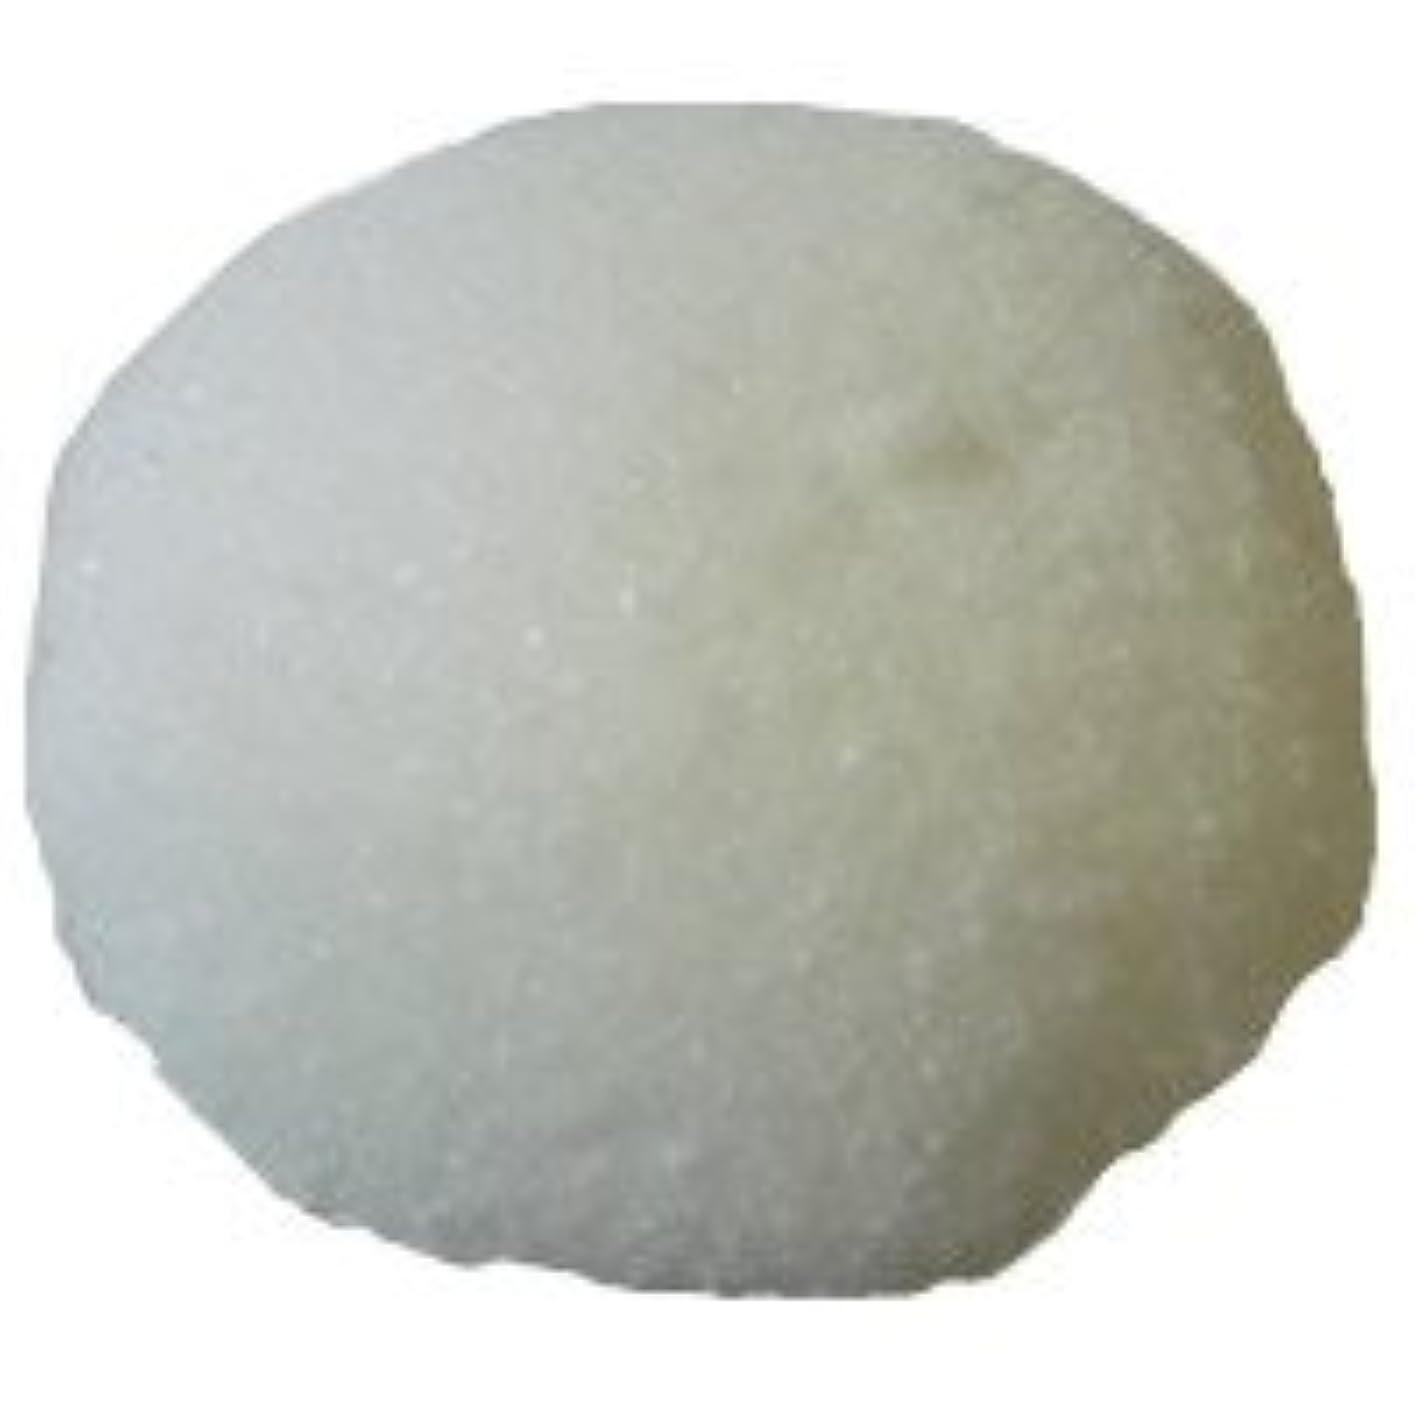 カリス成城 キャンドルの素 1kg